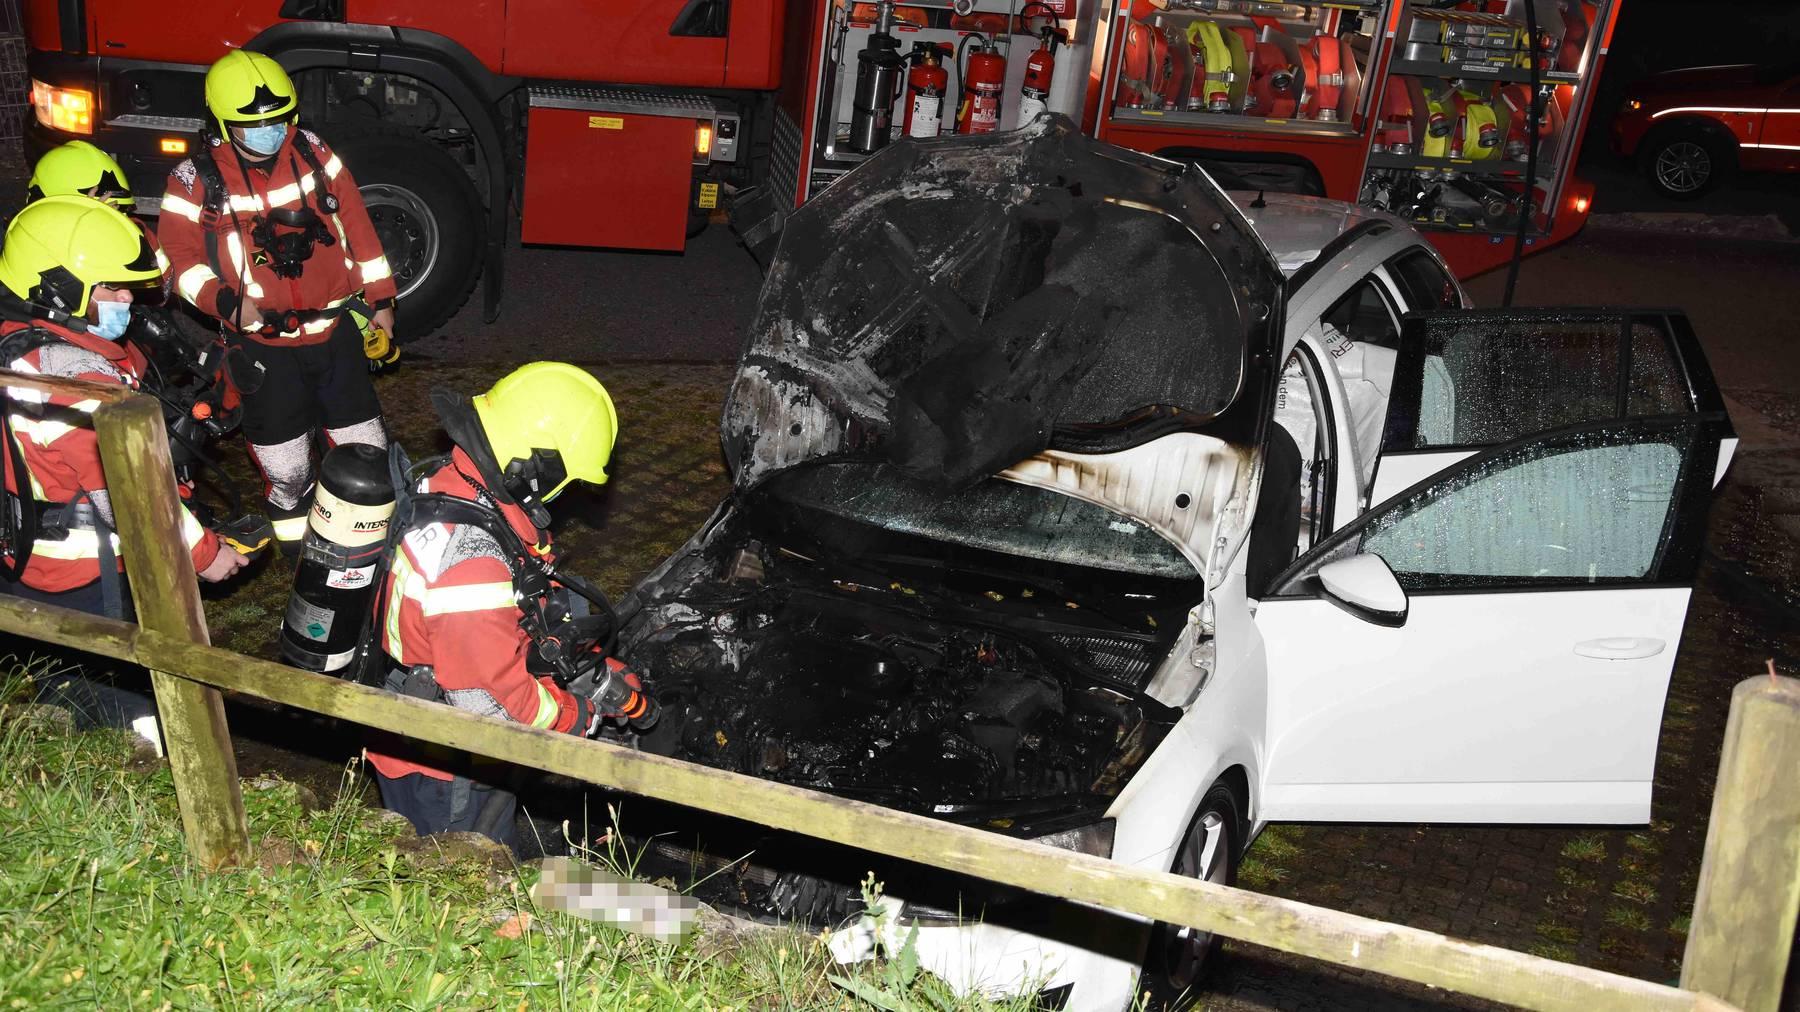 Wieso das Auto in Brand geraten ist, muss noch untersucht werden.